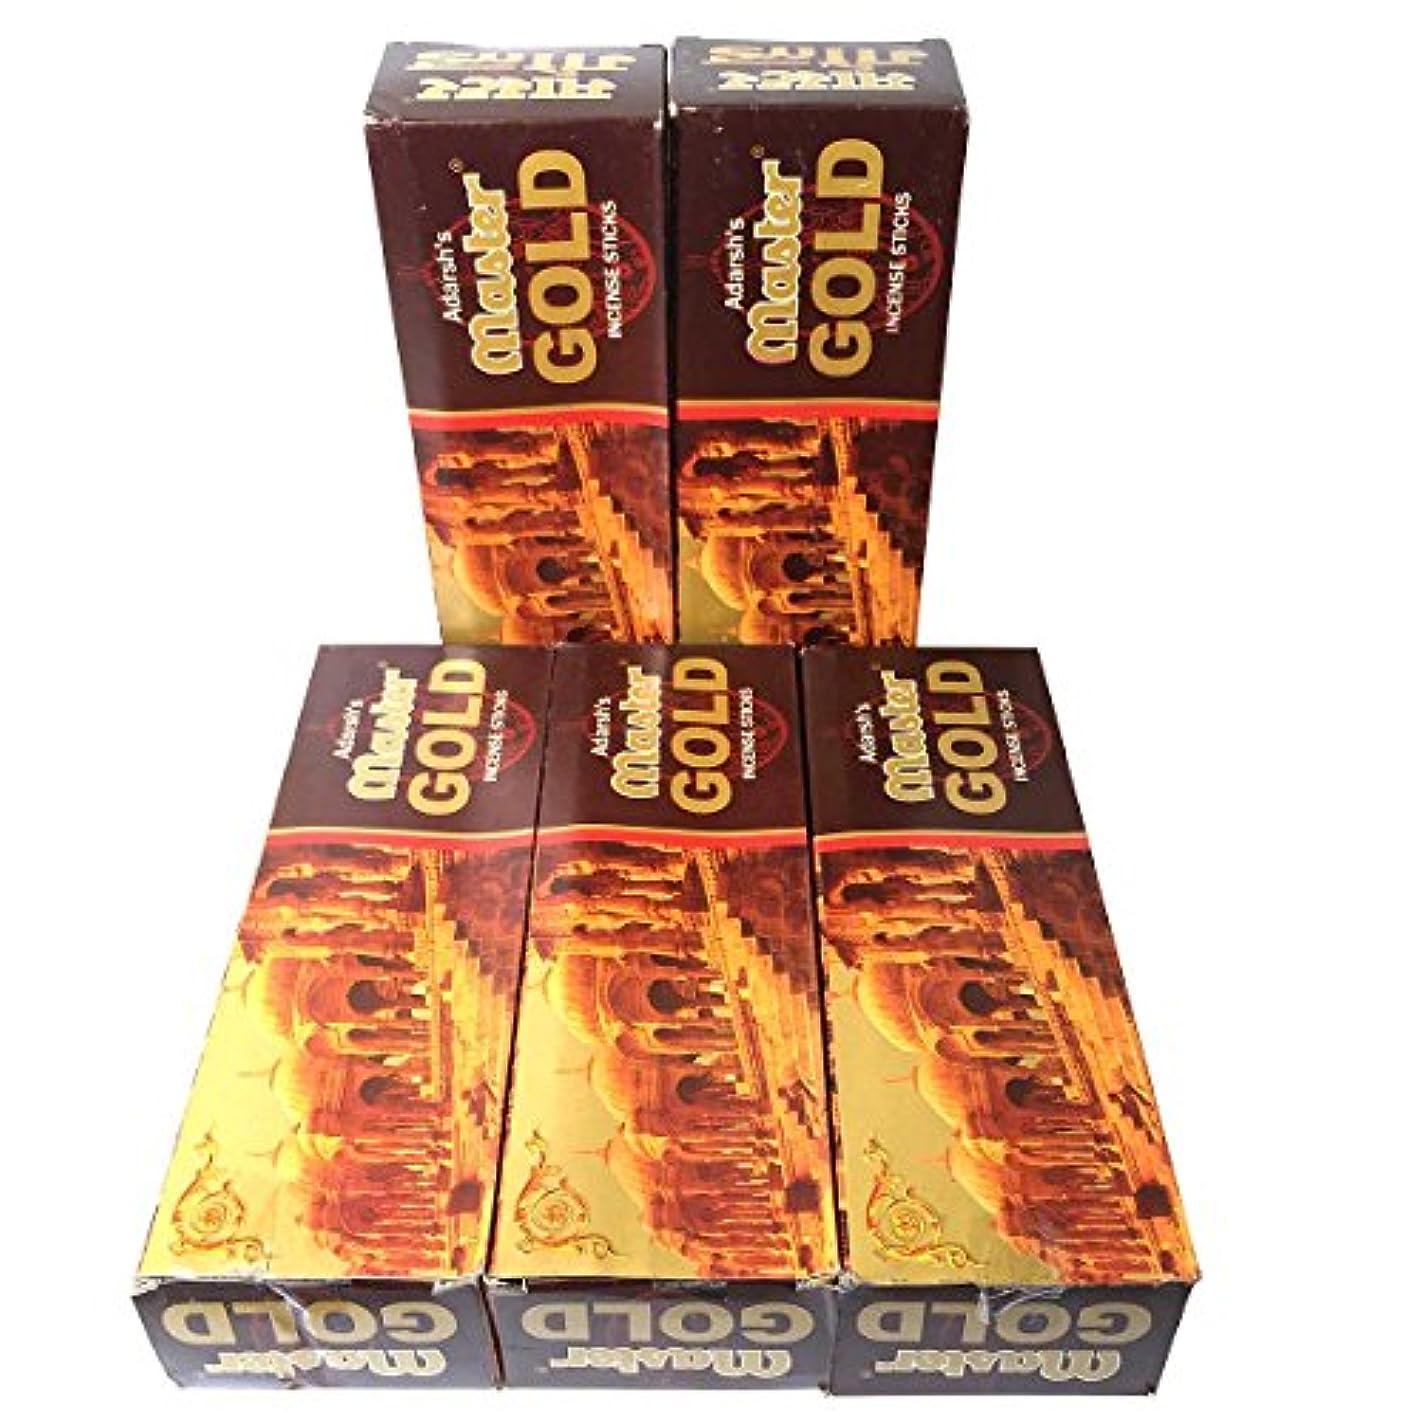 冬たとえリスマスターゴールド香スティック 5BOX(30箱)/ADARSH AROMATICS  MASTER GOLD/ インド香 / 送料無料 [並行輸入品]